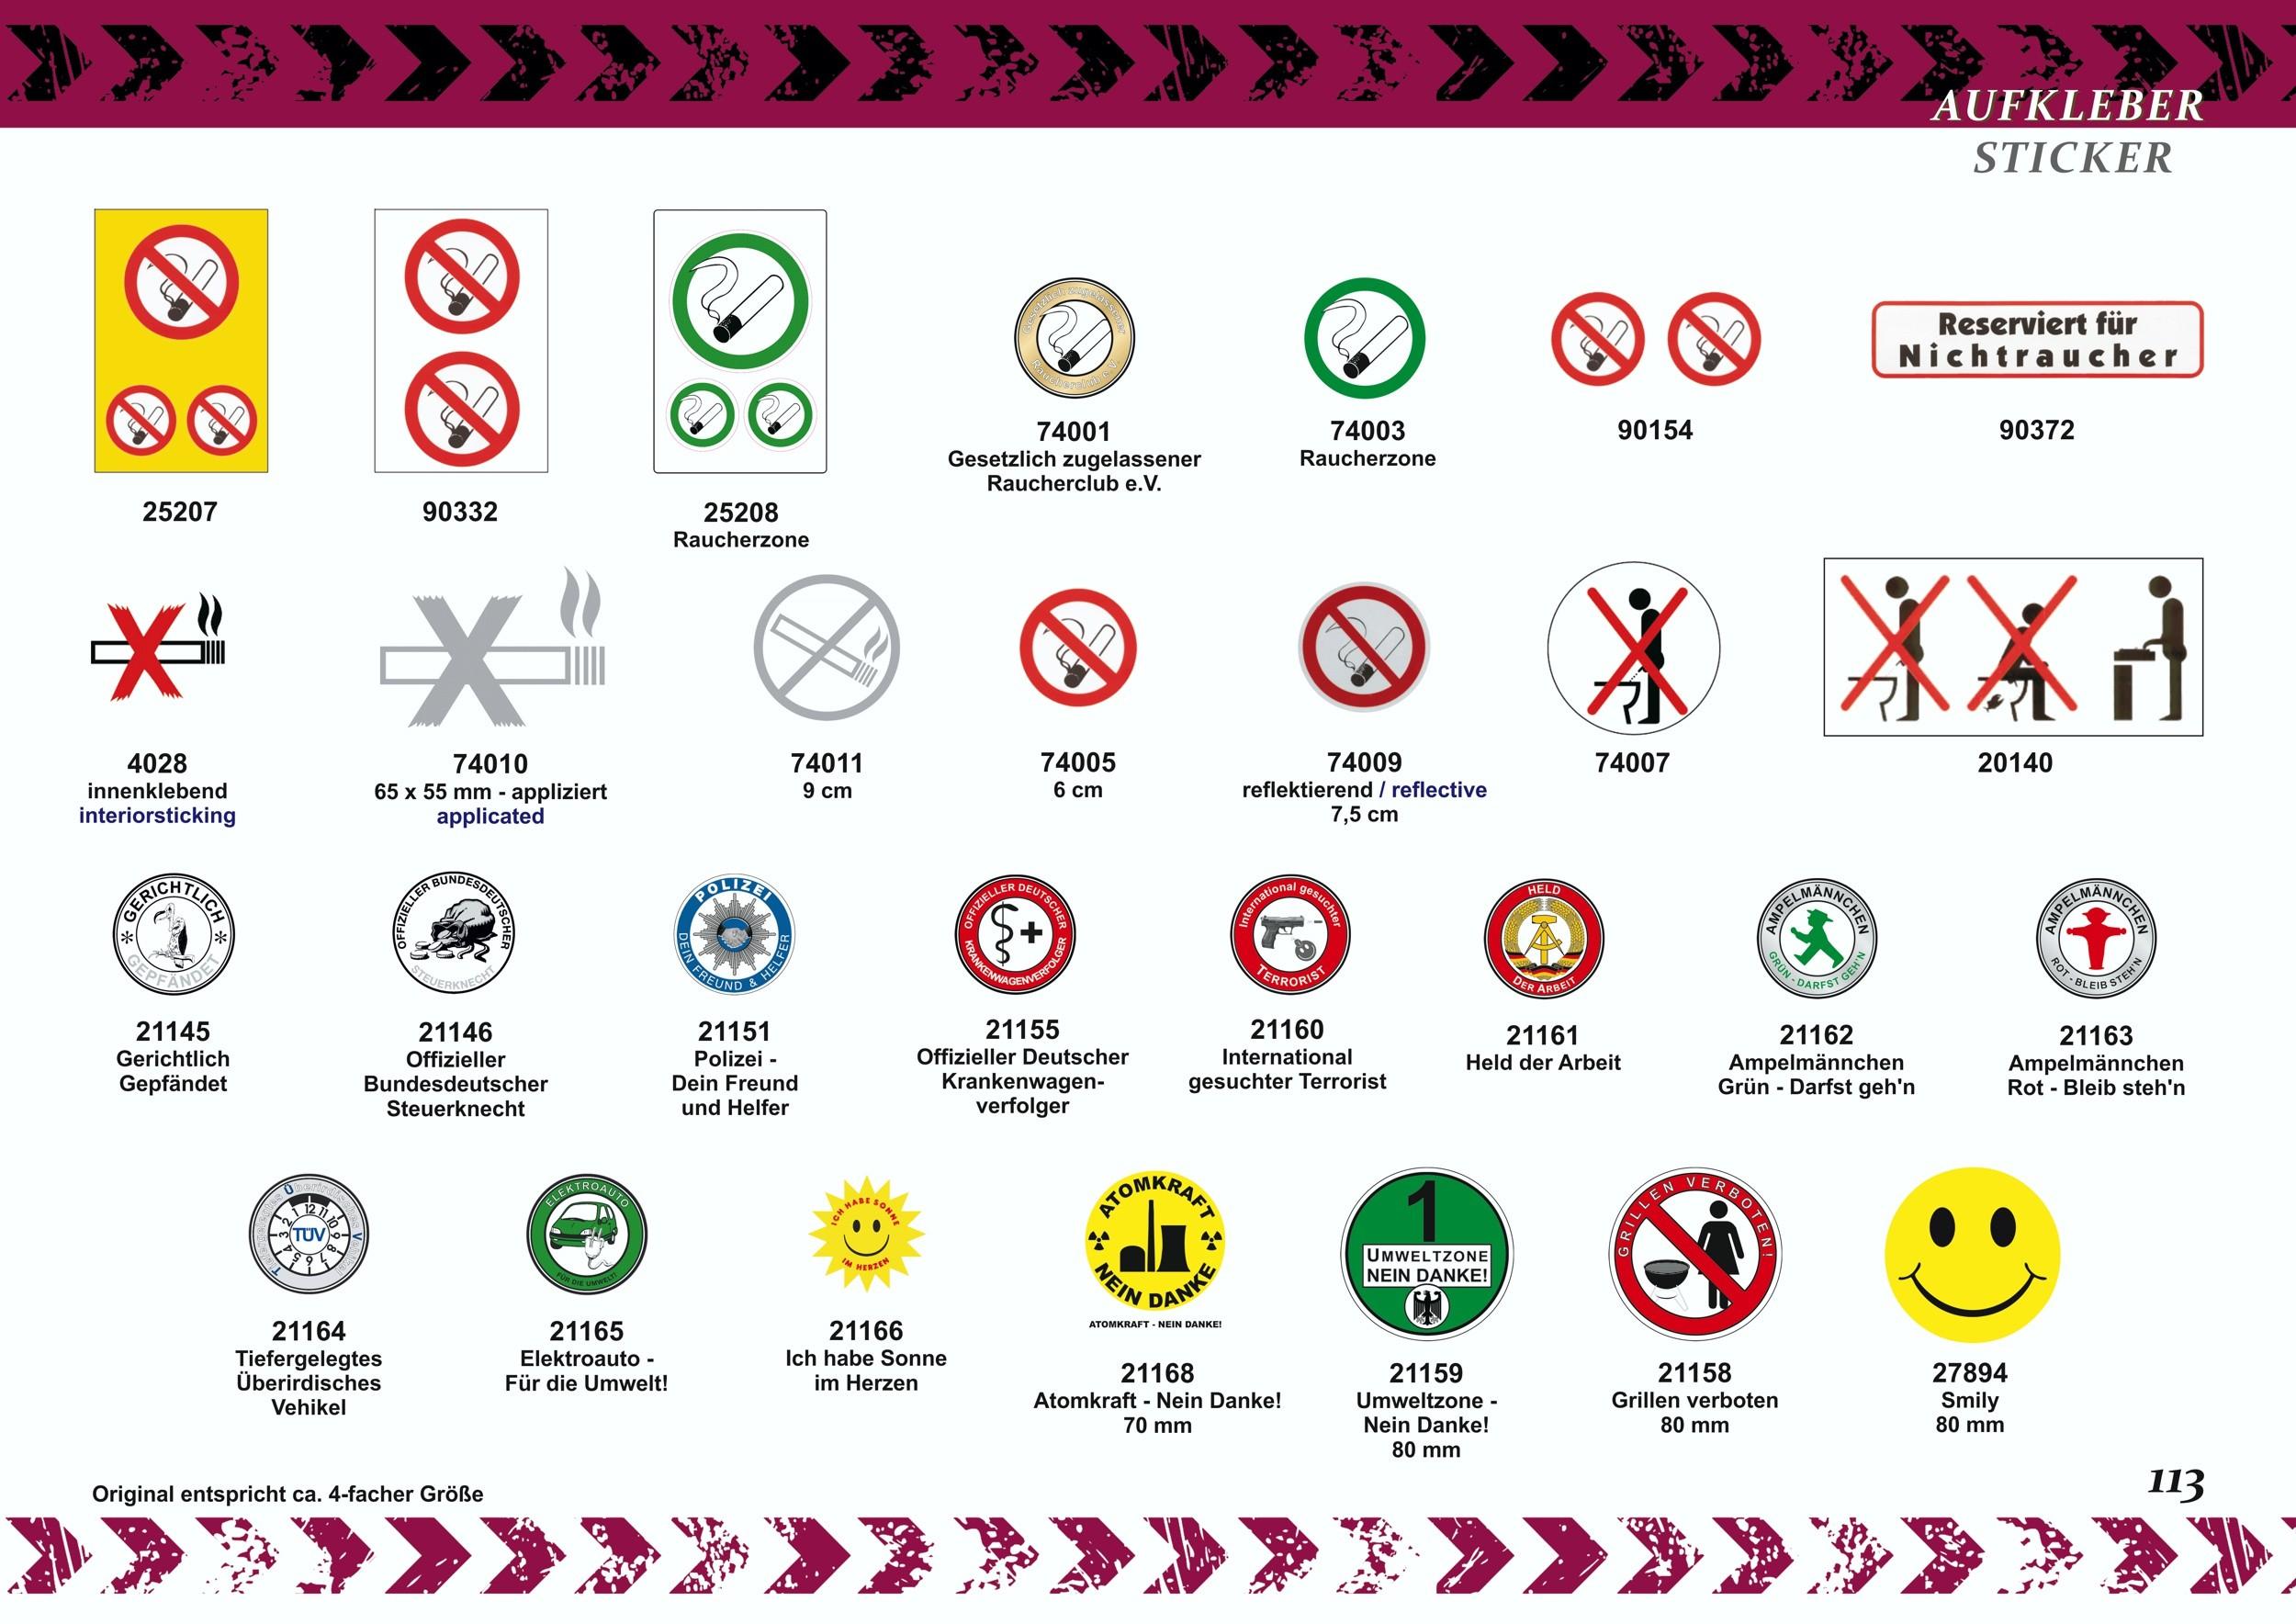 Aufkleber Reserviert für Nichtraucher weiß   150 x 40 mm – Bild 4